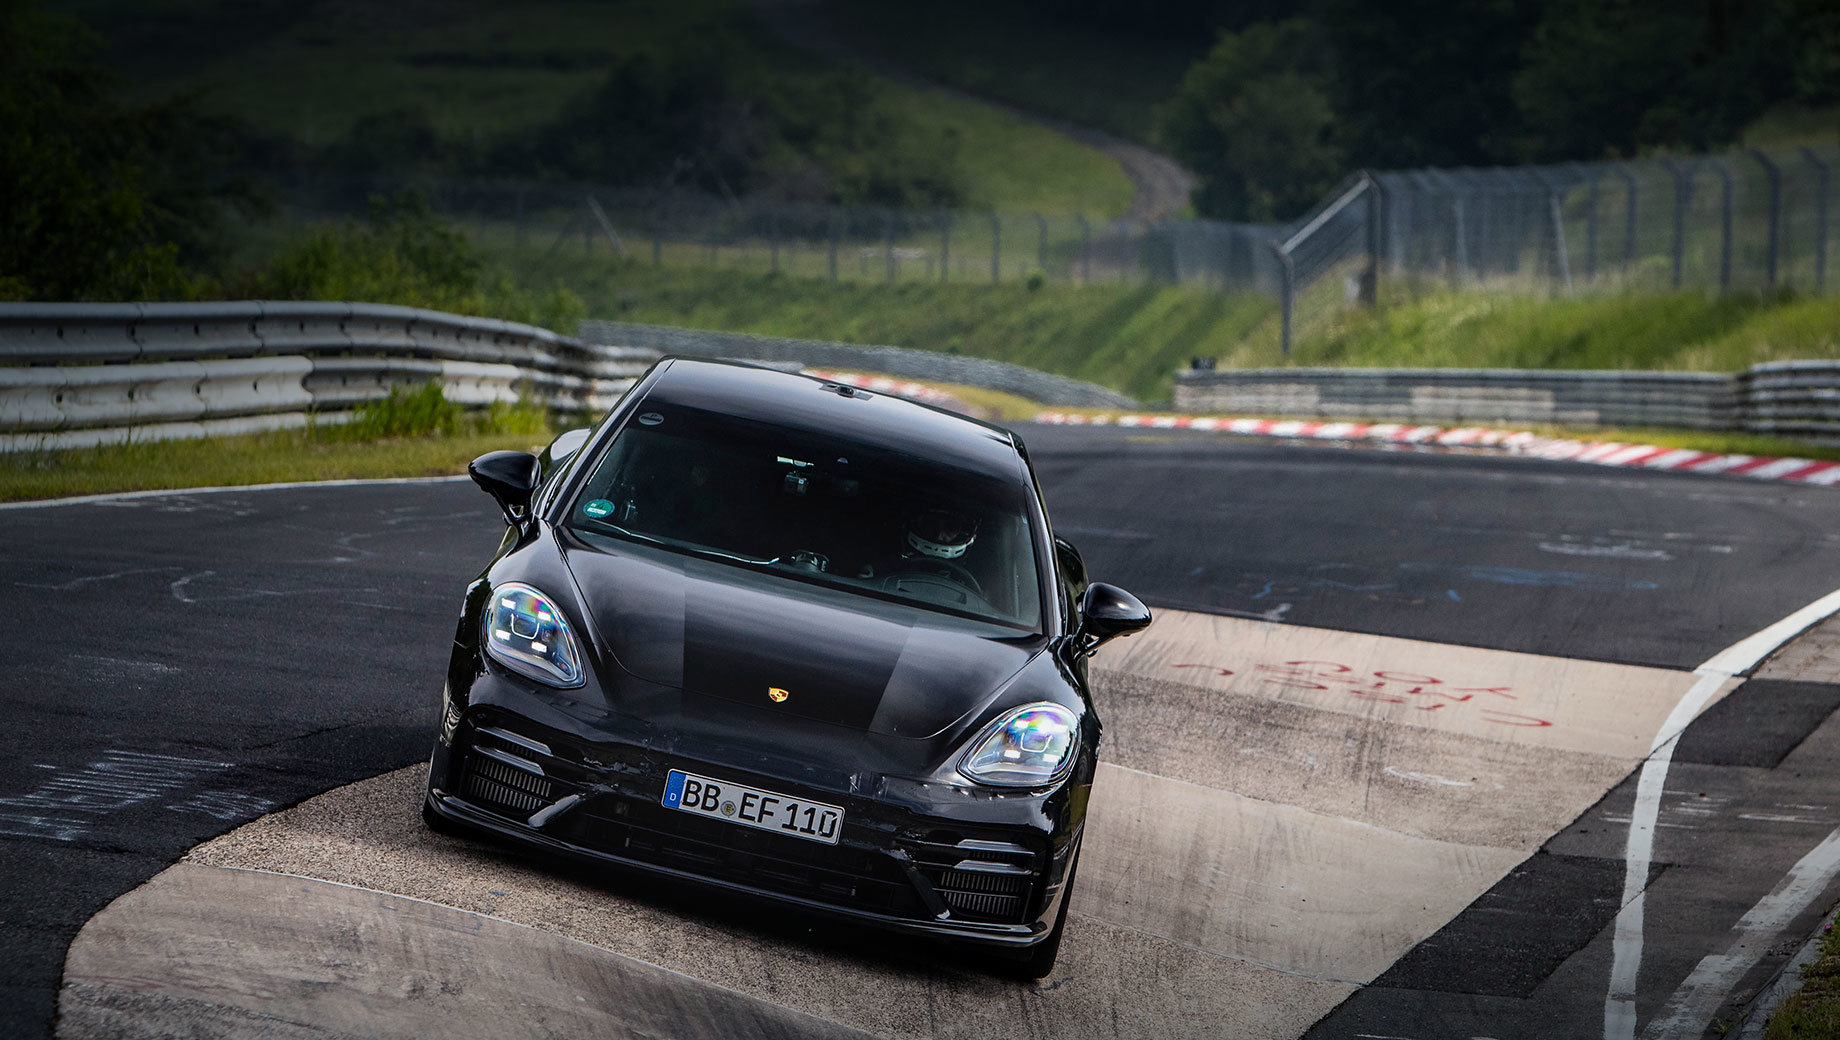 Porsche panamera. Хэтч вышел на Нордшляйфе в лёгкой маскировке. Называя Панамеру «четырёхдверным седаном», Porsche говорит: рекорд установлен обычным серийным автомобилем, что подтверждено нотариусом.